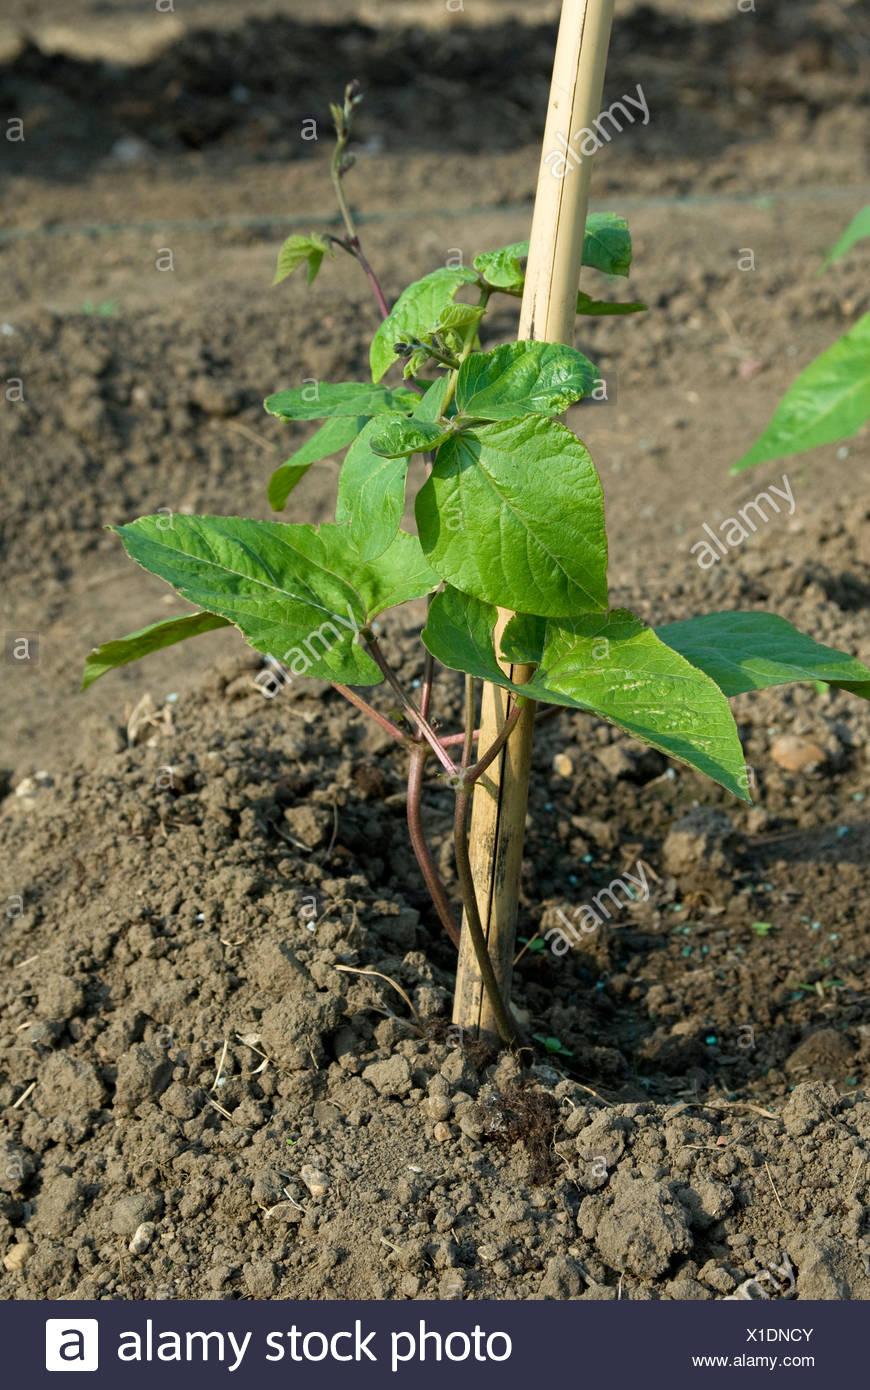 Runner bean in soil - Stock Image